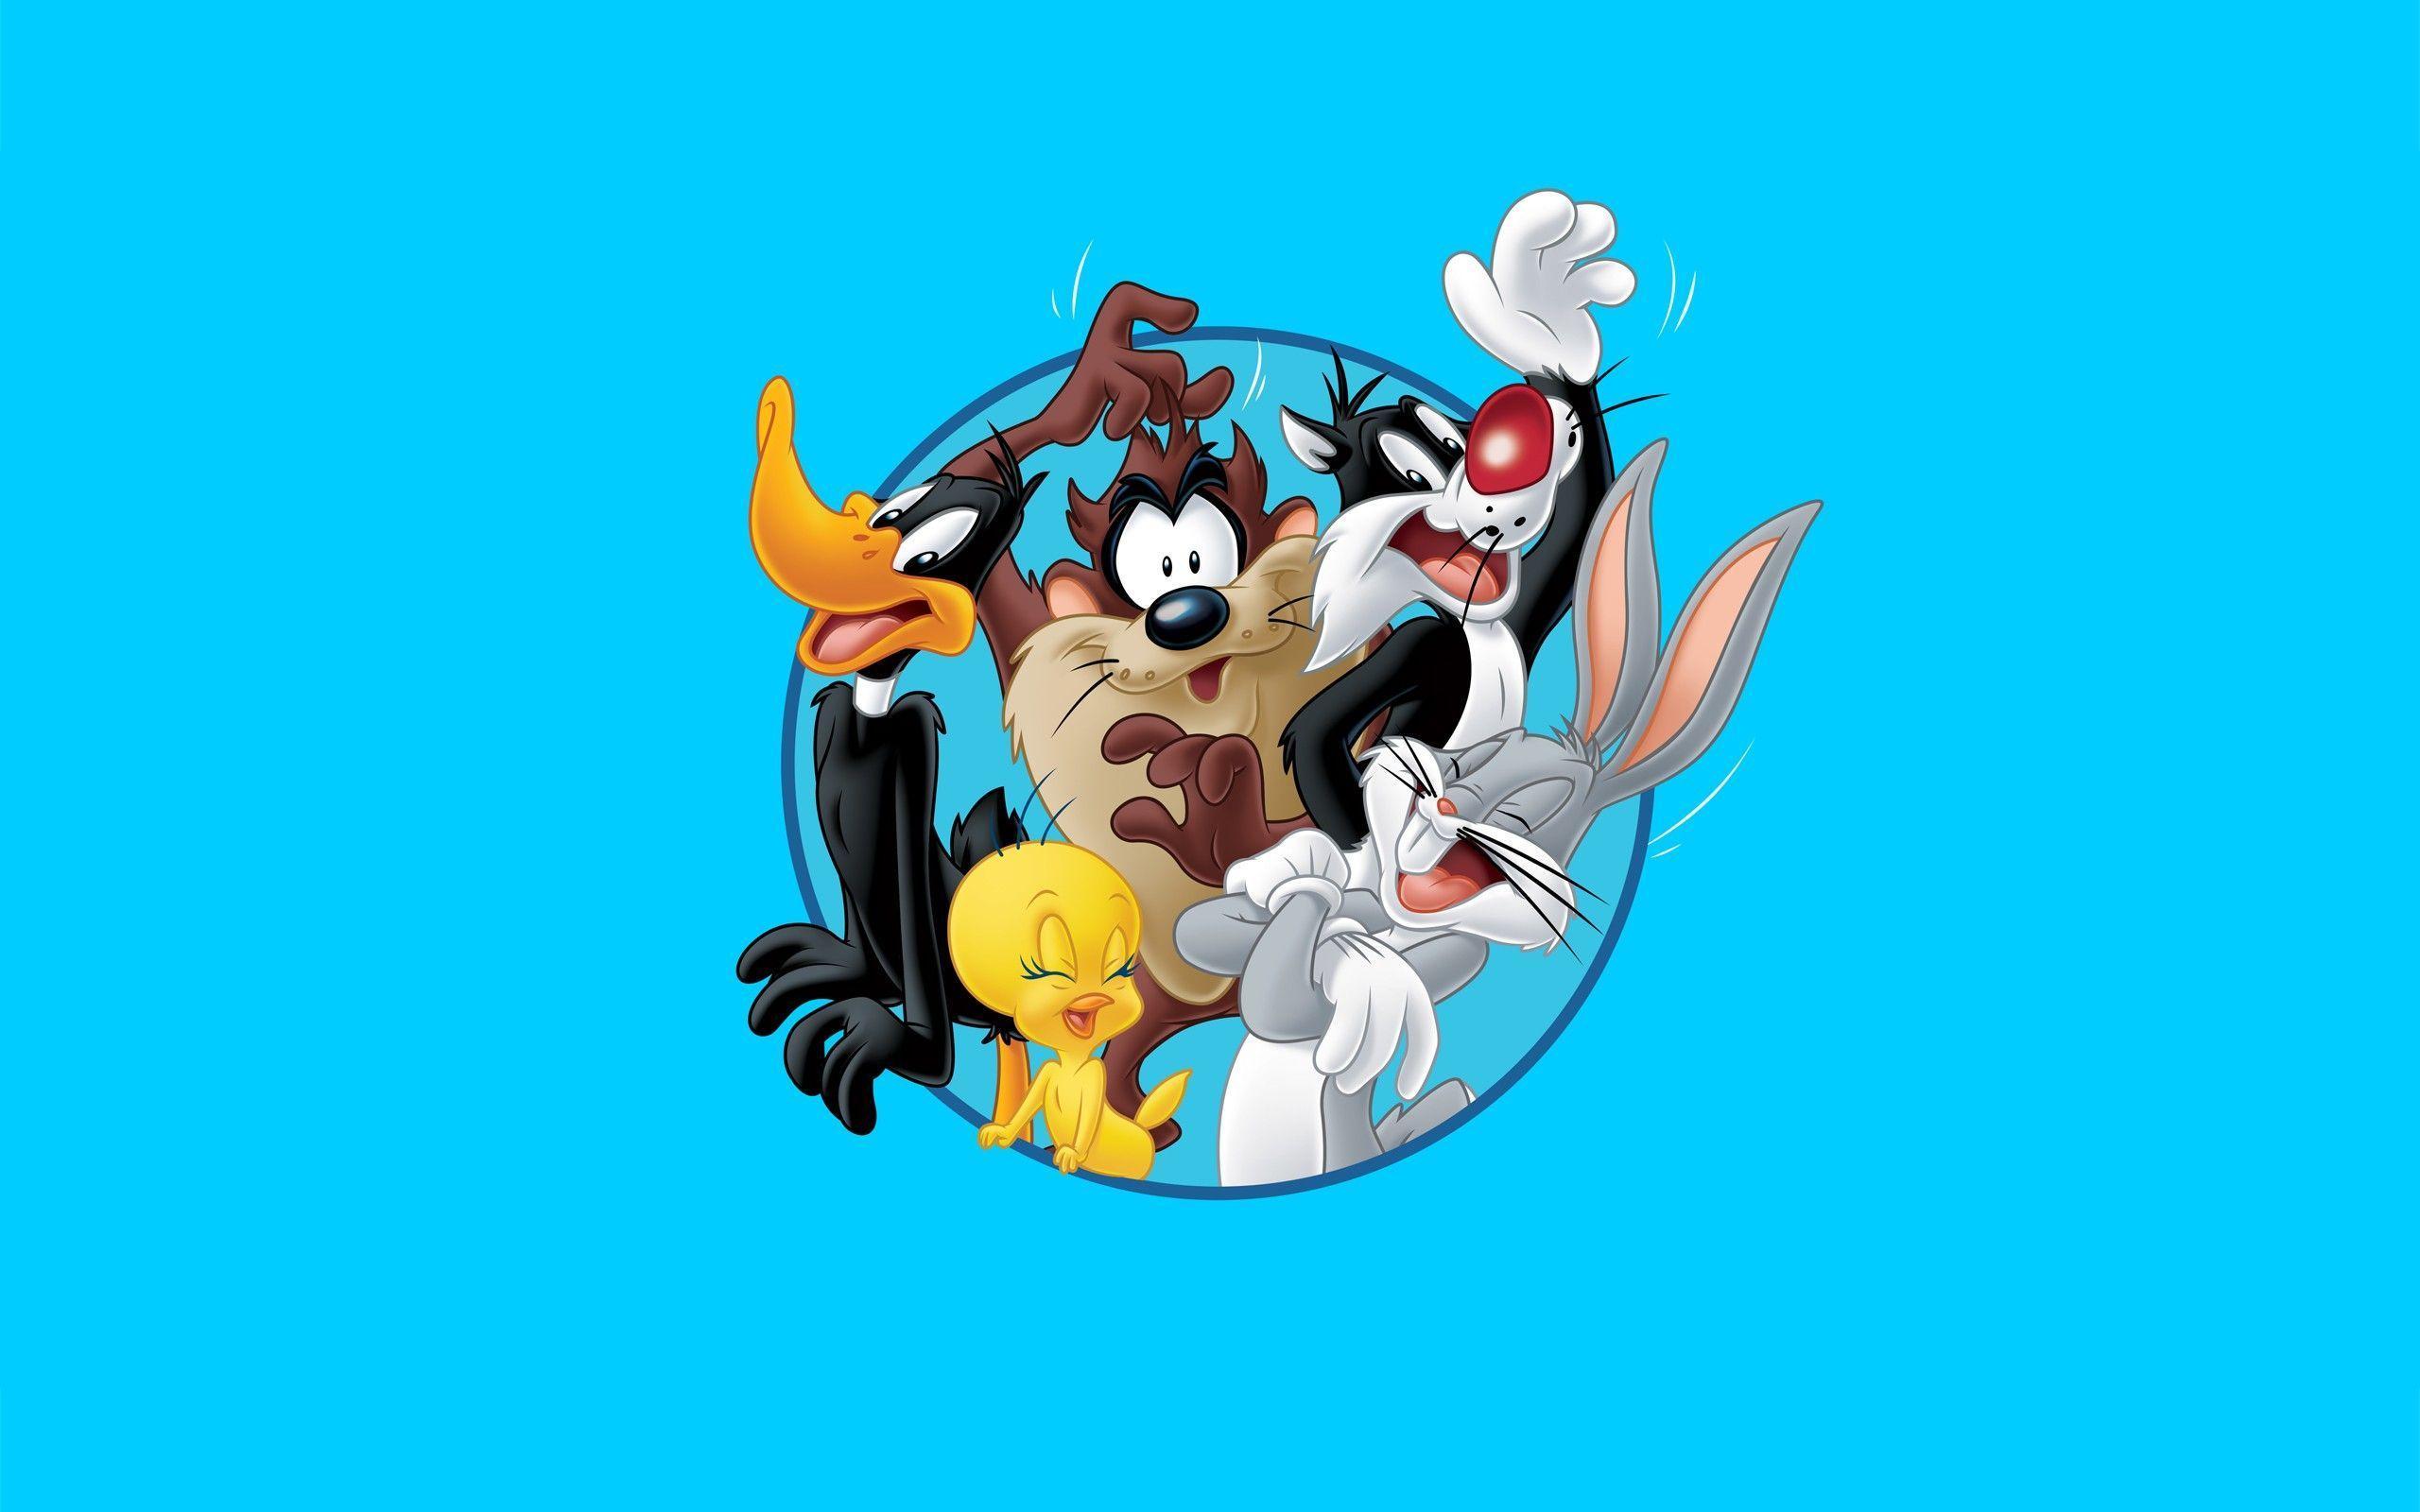 looney tunes desktop wallpapers - photo #5